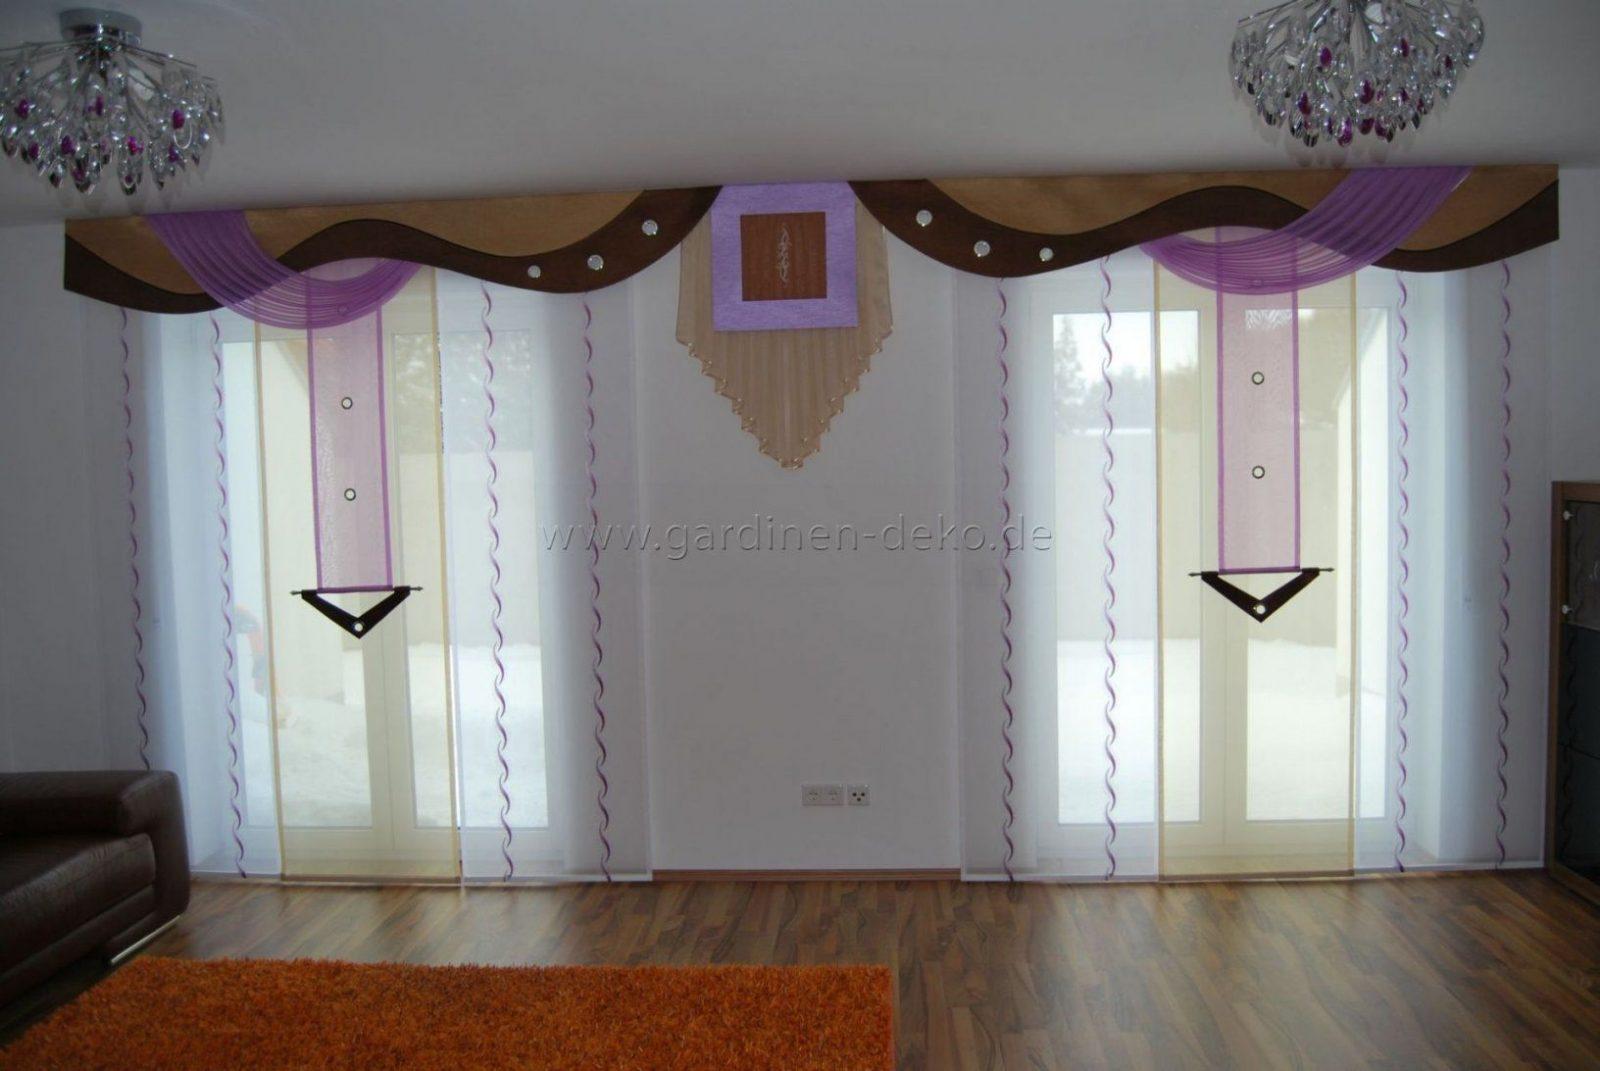 Wohnzimmer Schiebevorhang In Lilabeige Mit Braunen Bogen Von